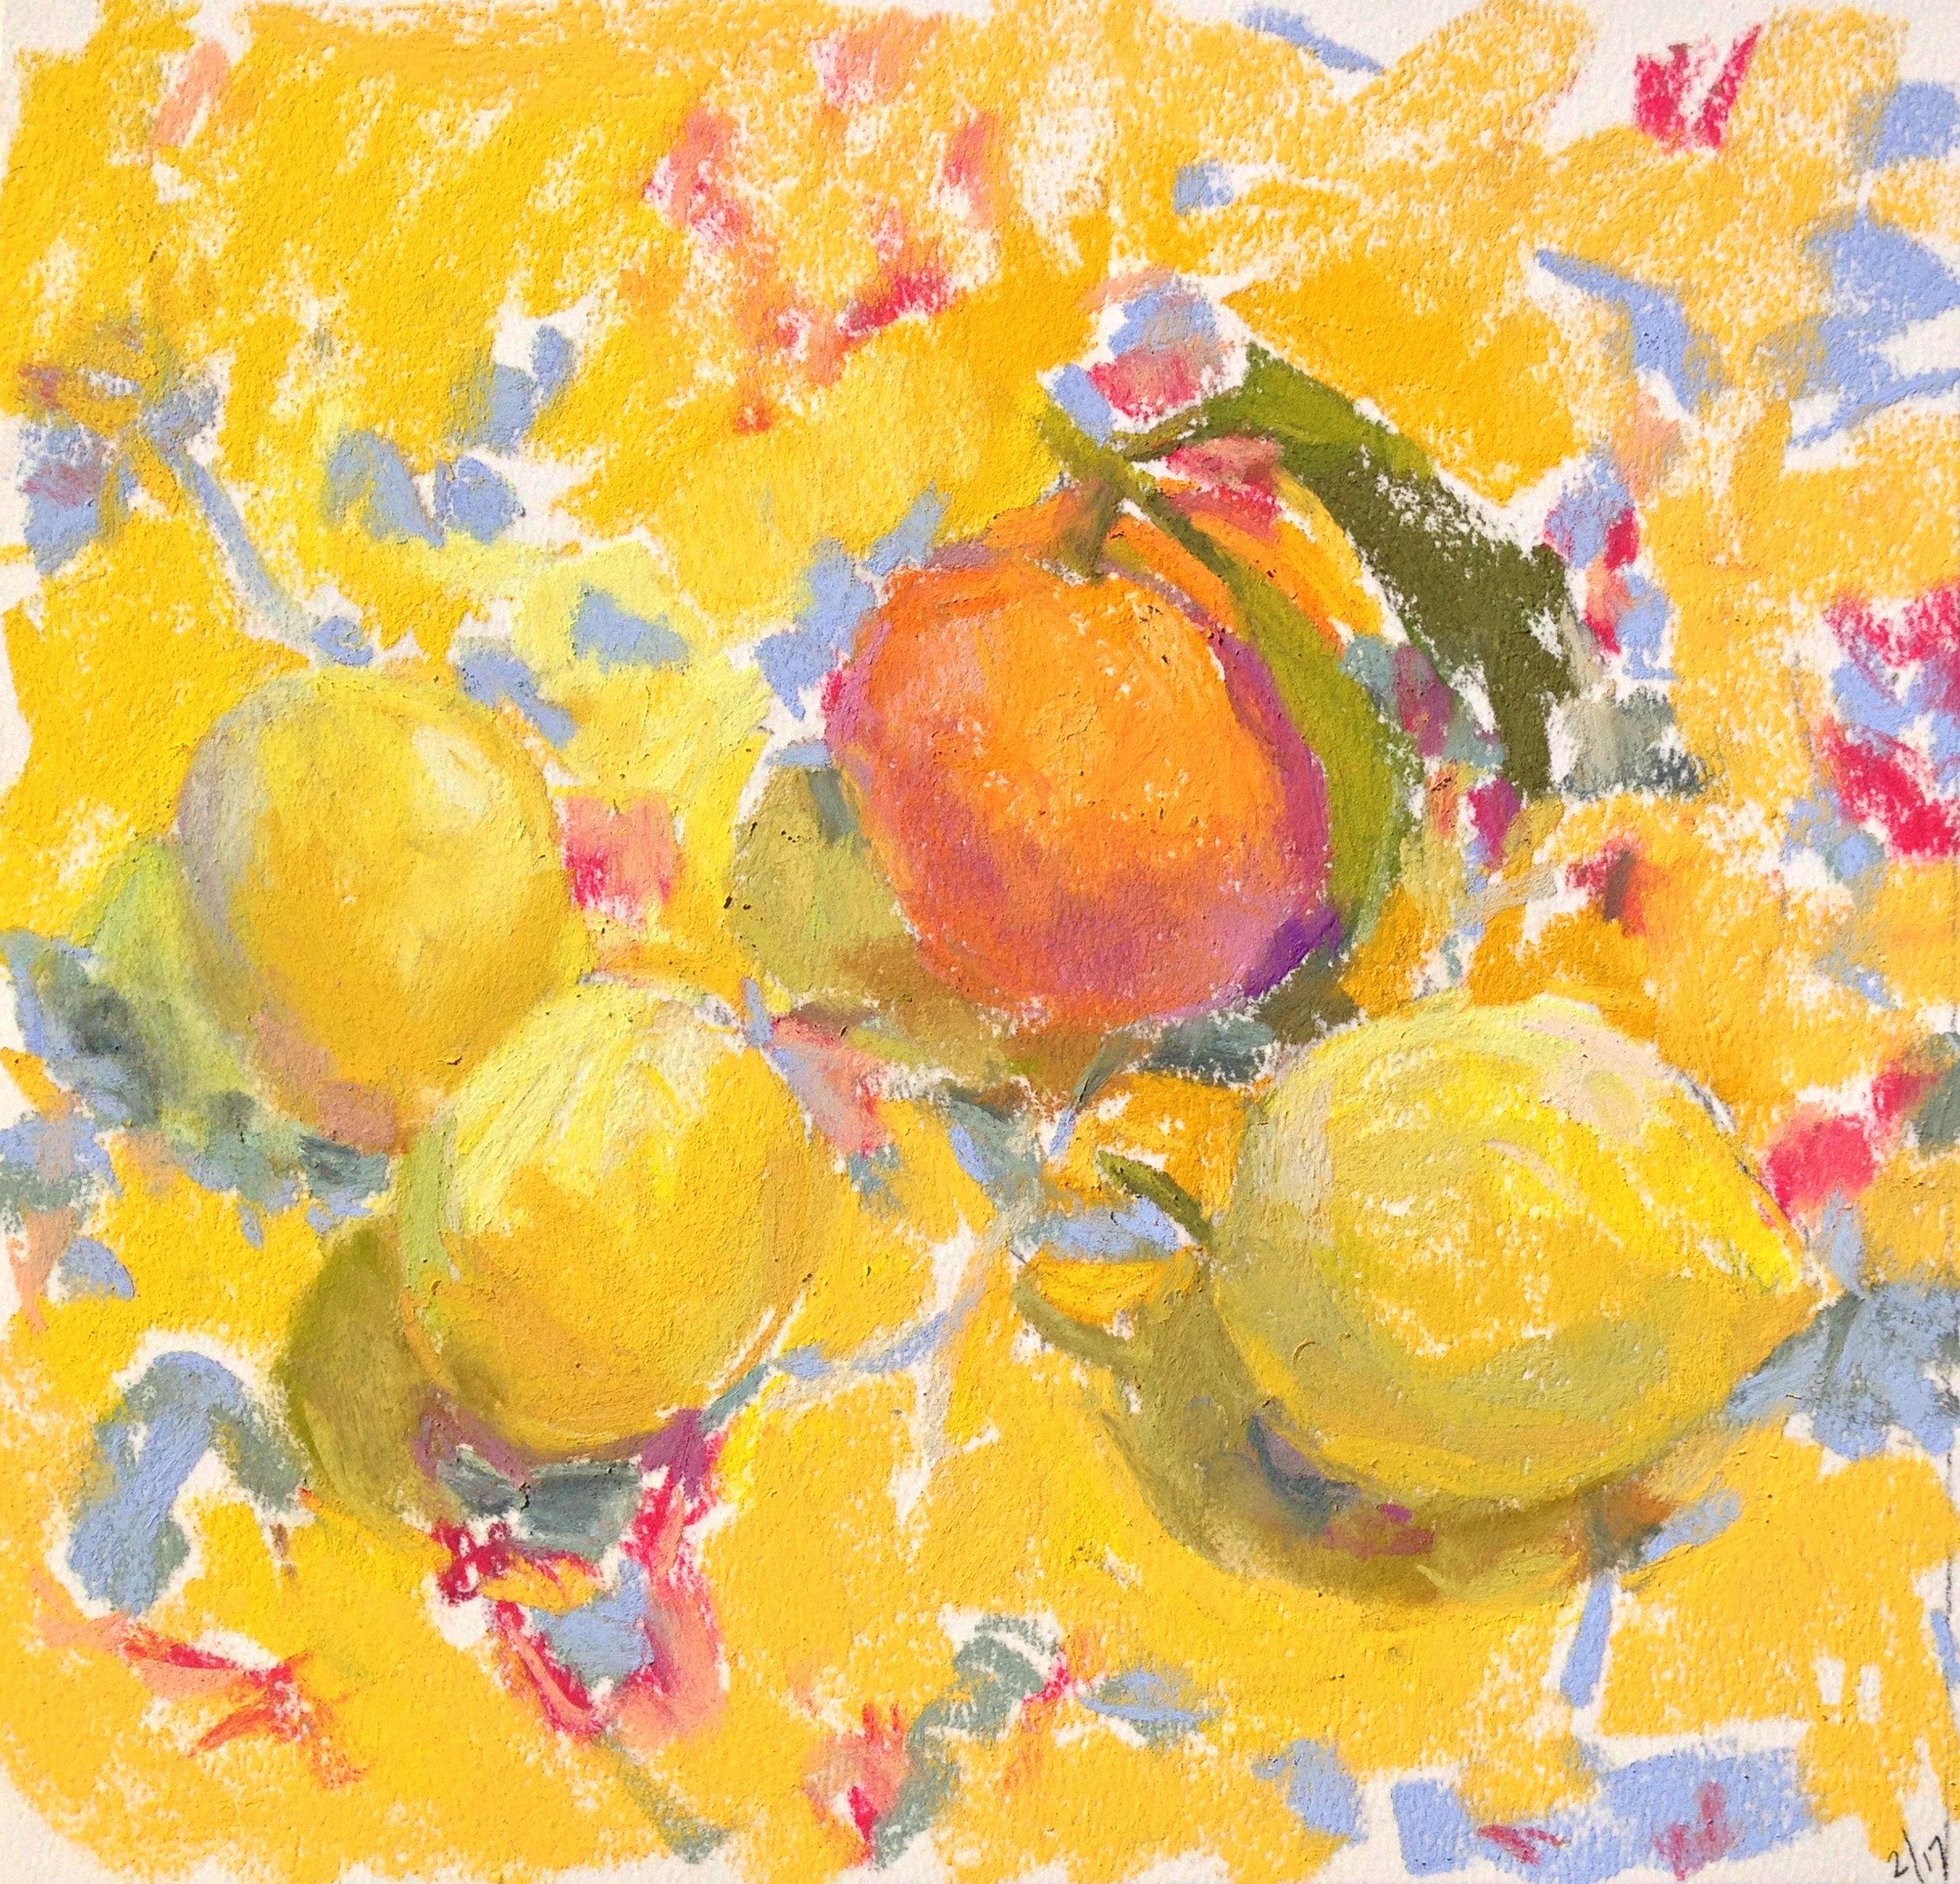 Citrus Series, Feb 17